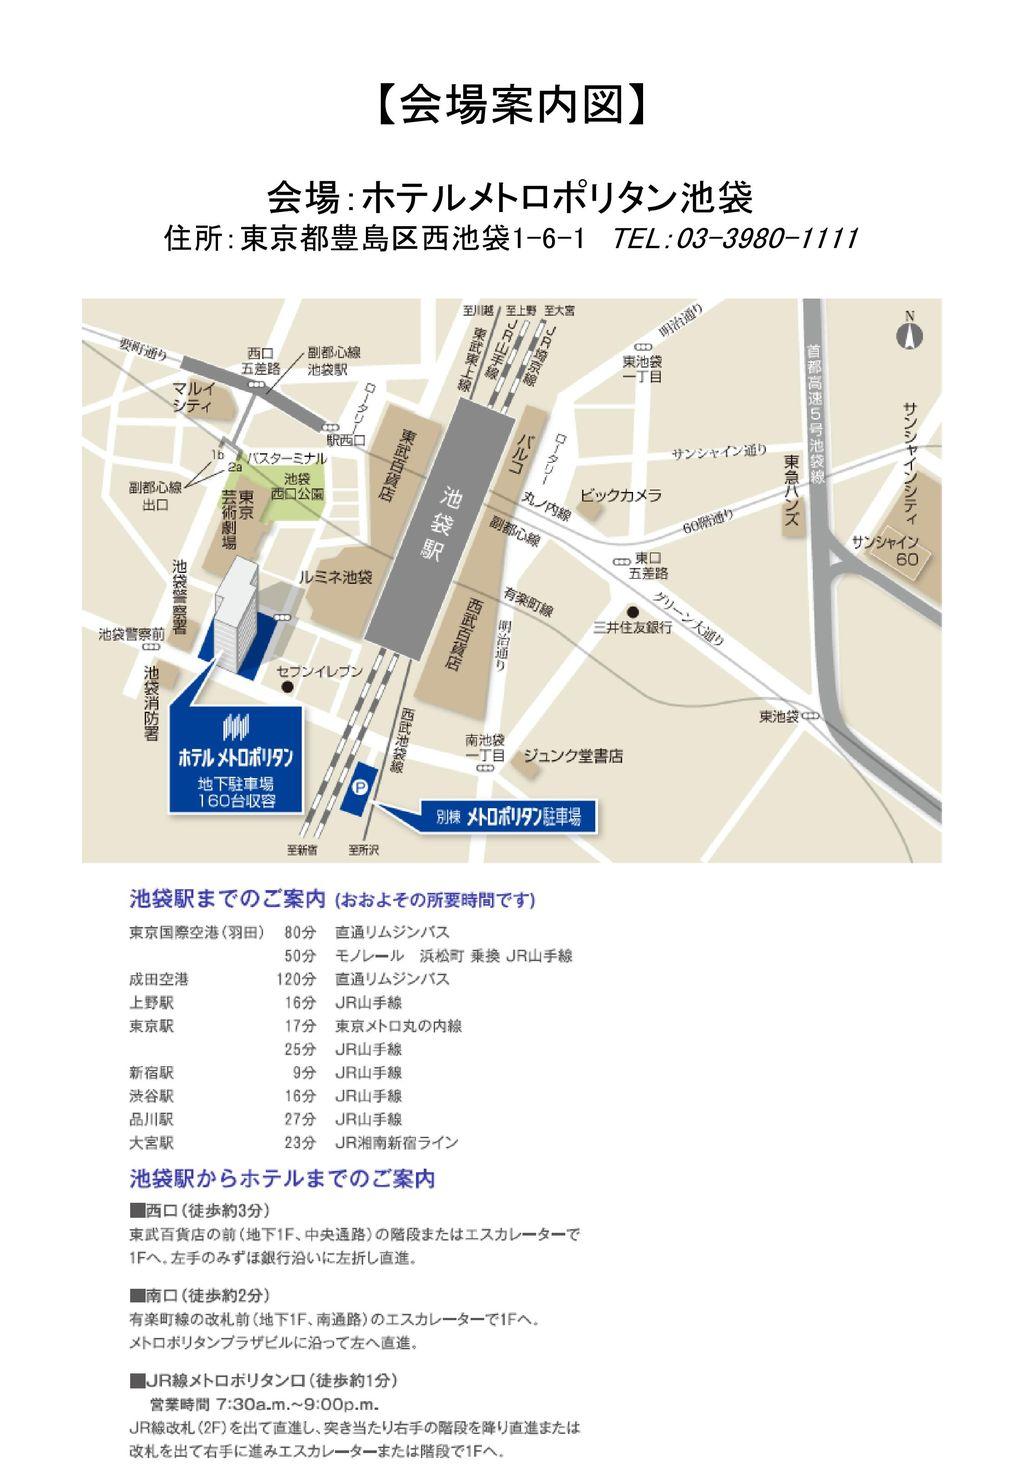 東京都豊島区池袋1丁目 の地図 住所一覧検索 地 …